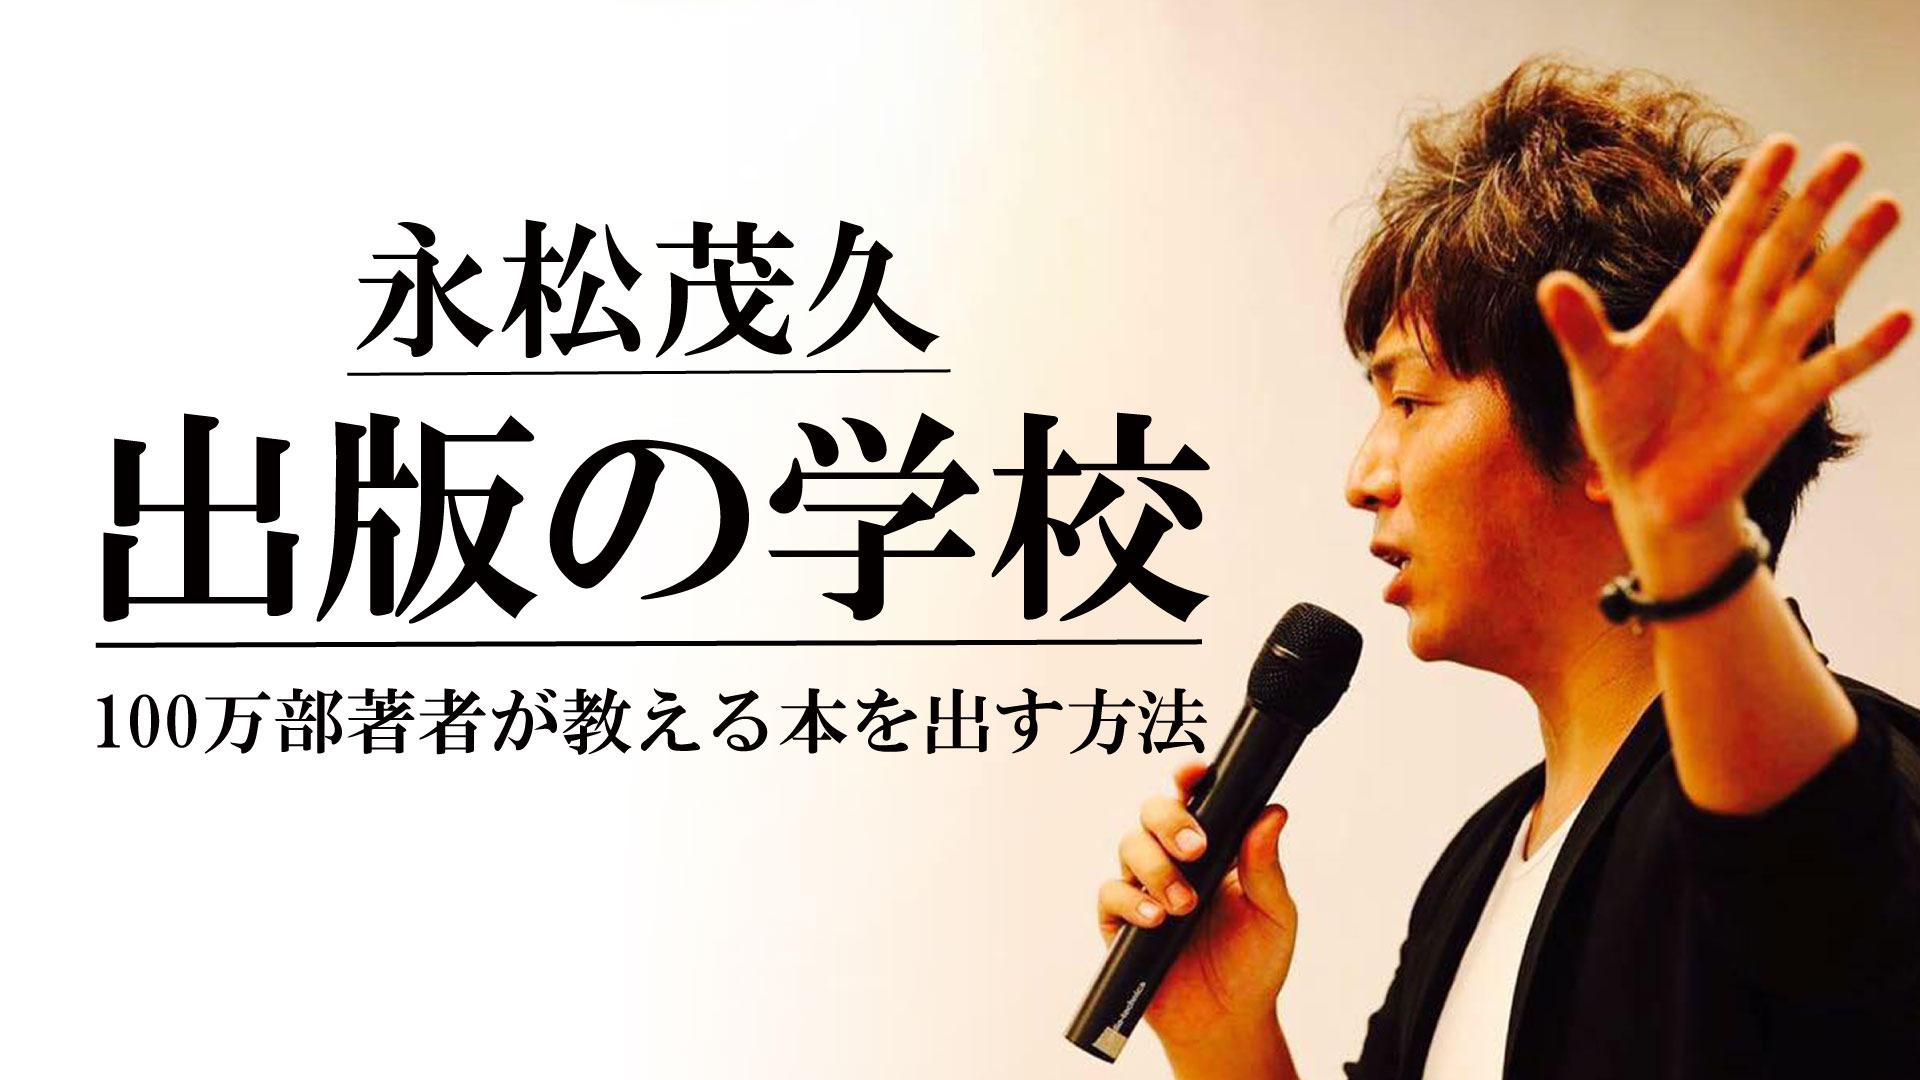 永松茂久出版の学校-100万部著者が教える本を出す⽅法-